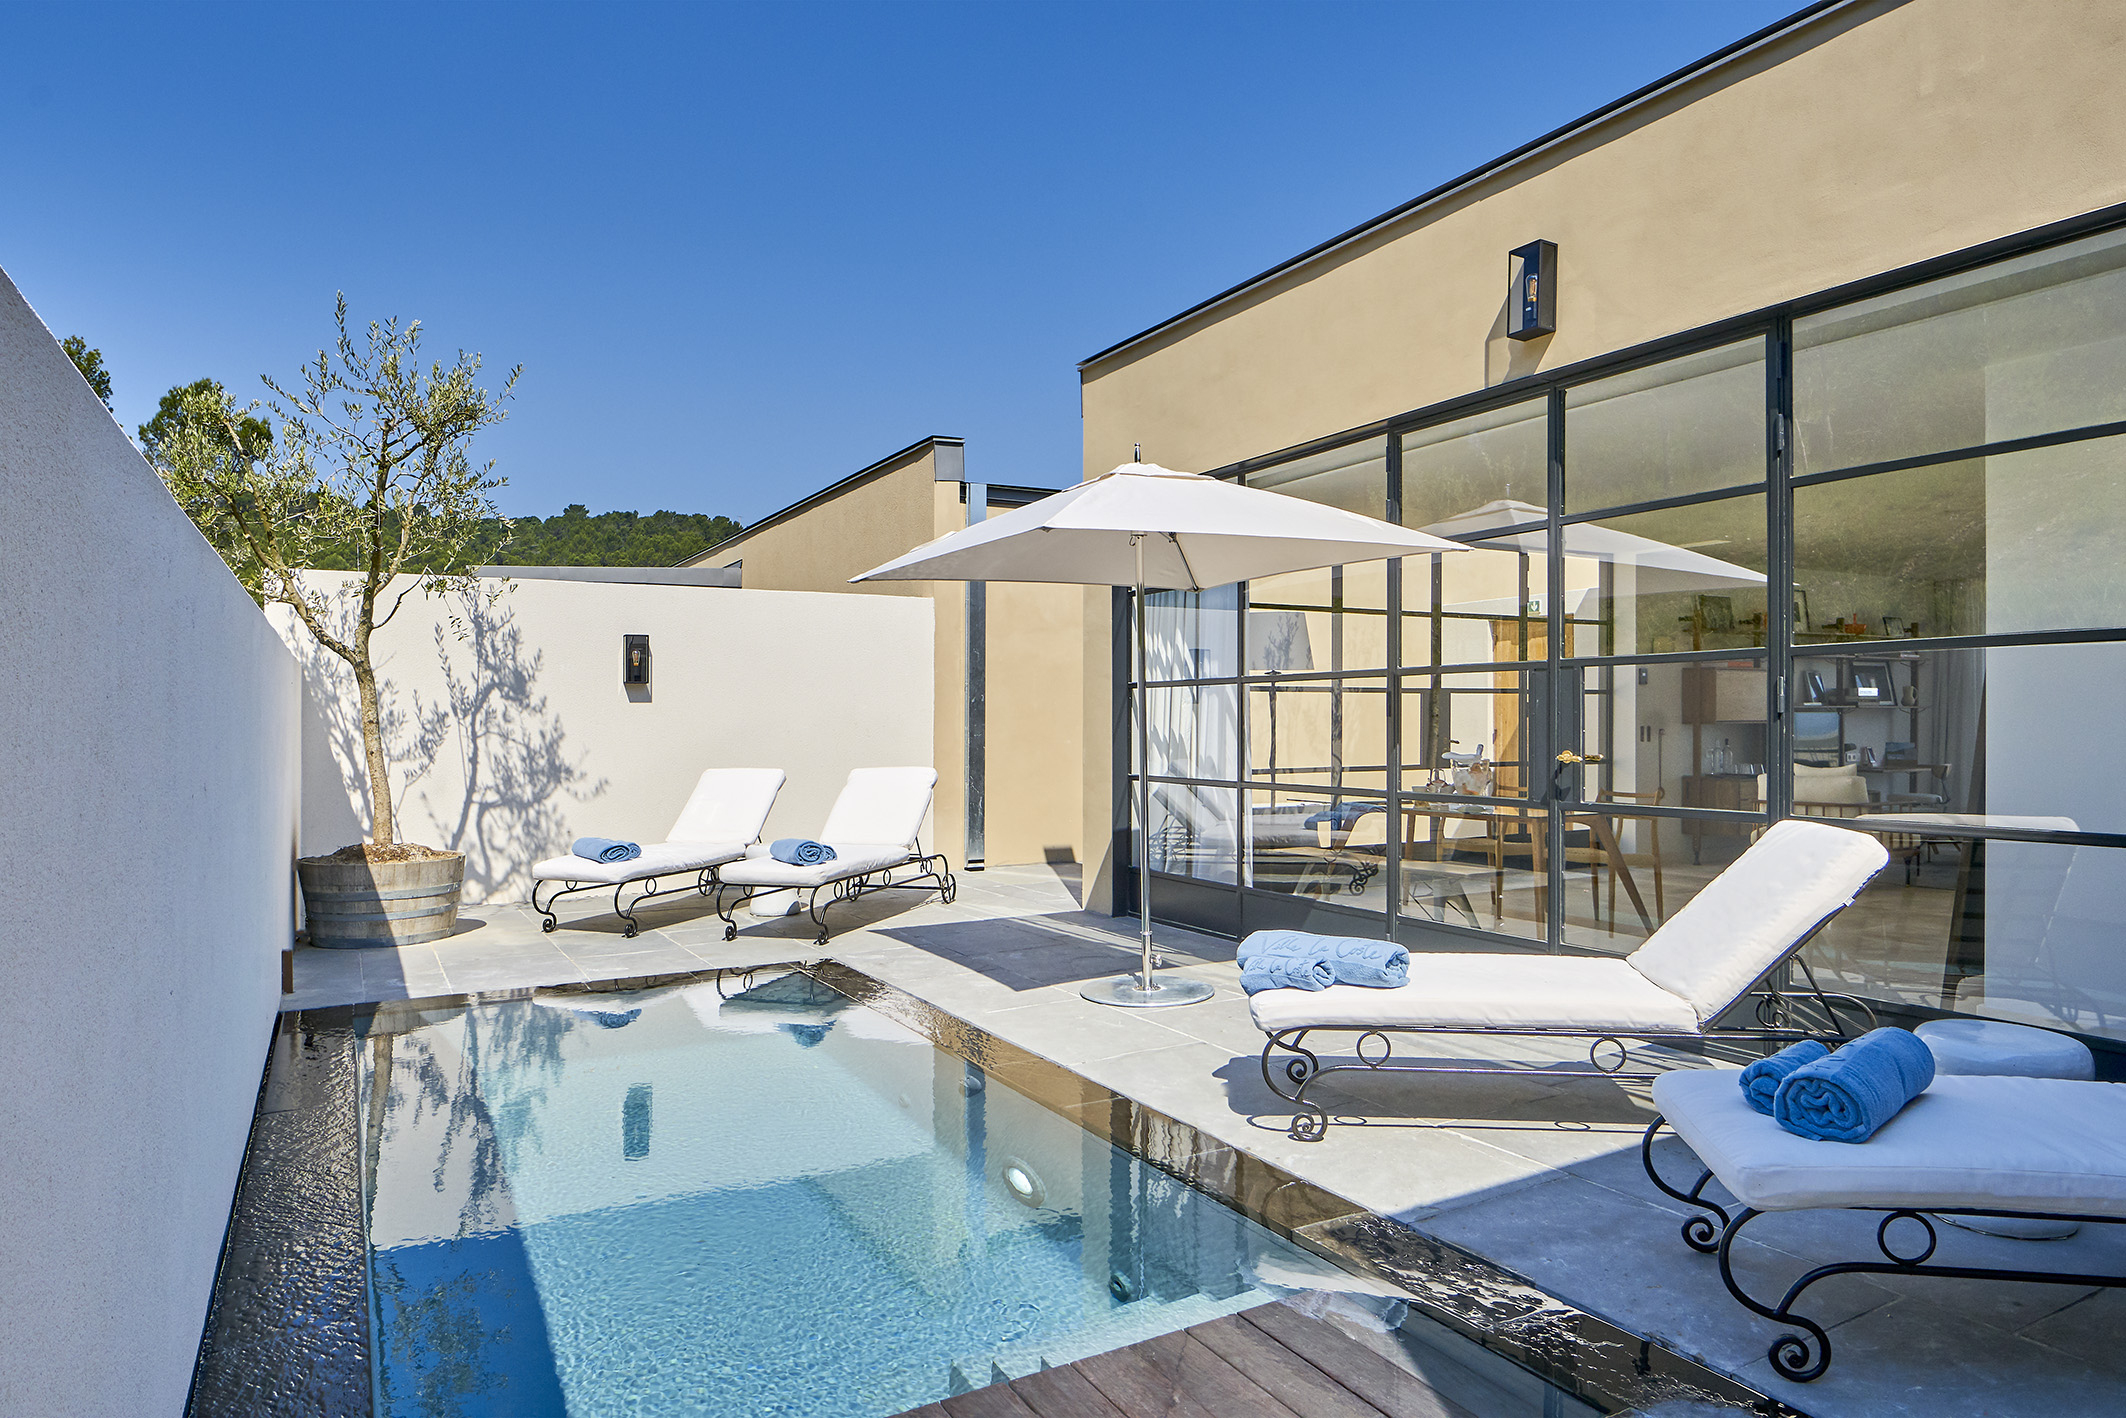 Suite De Luxe En Provence Avec Piscine Privée   Hotêl Villa ... concernant Hotel Avec Piscine Privée Dans La Chambre France